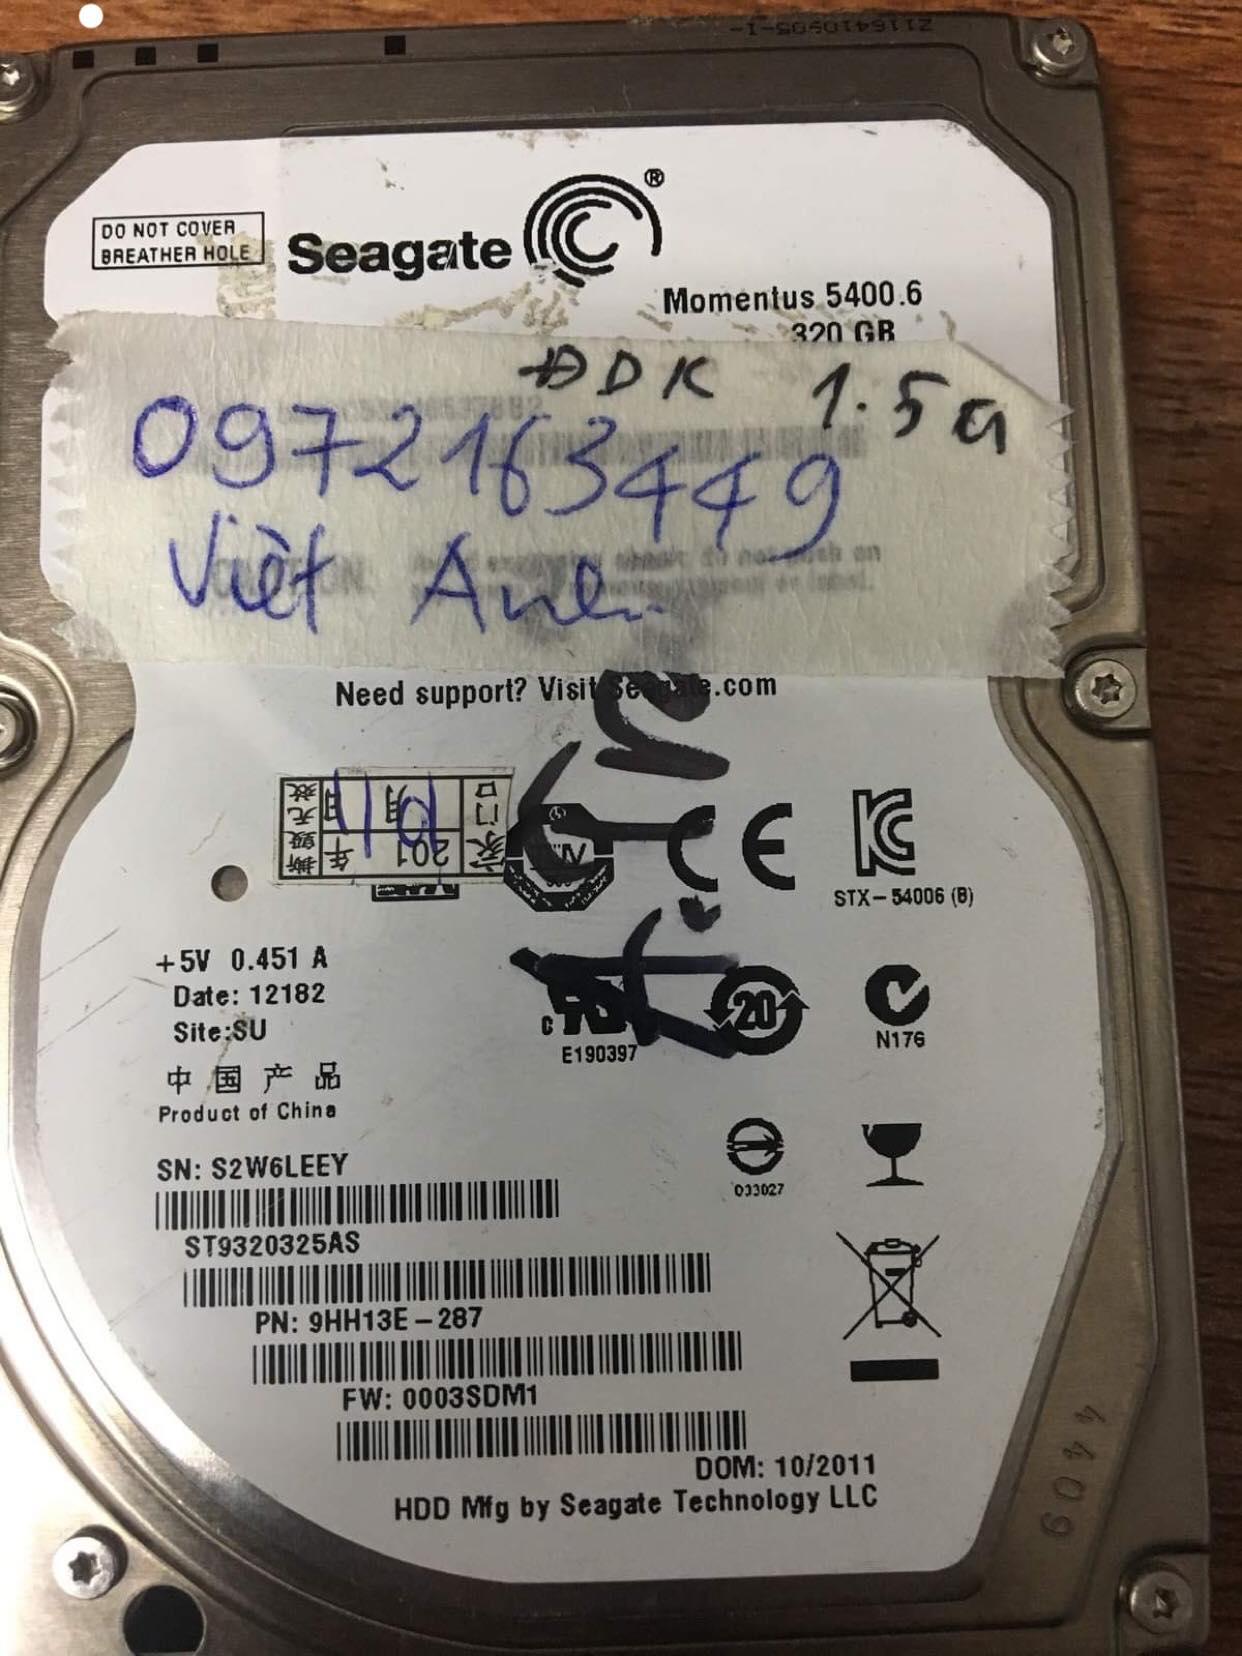 Cứu dữ liệu ổ cứng Seagate 320GB đầu đọc kém  29/05/2019 - cuumaytinh